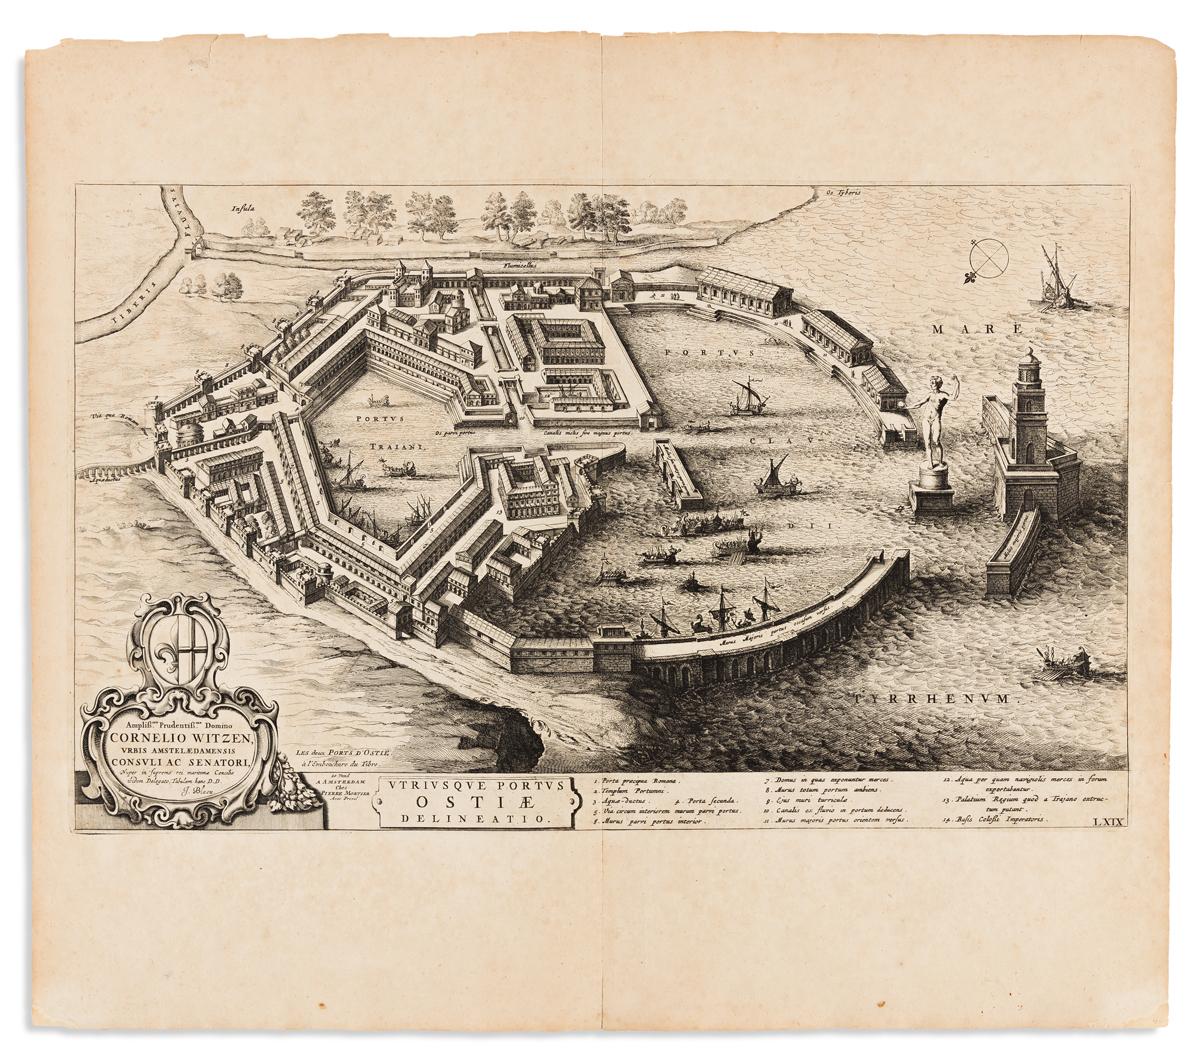 BLAEU, JOHANNES. Utriusque Portus Ostiae Delineatio.